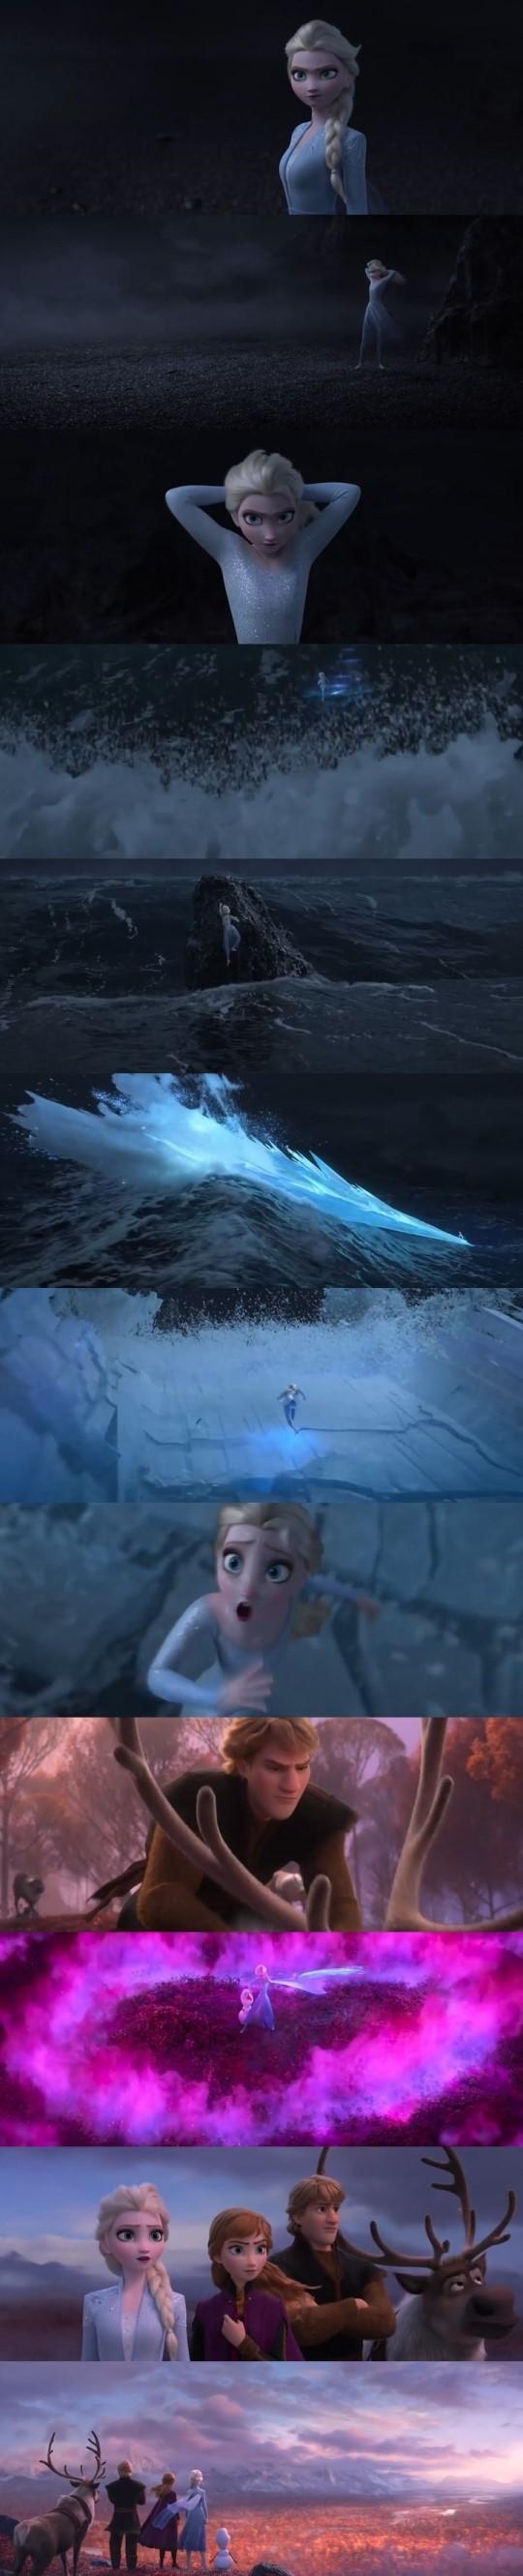 '겨울왕국2' 티저 공개..엘사에게 무슨 일이?